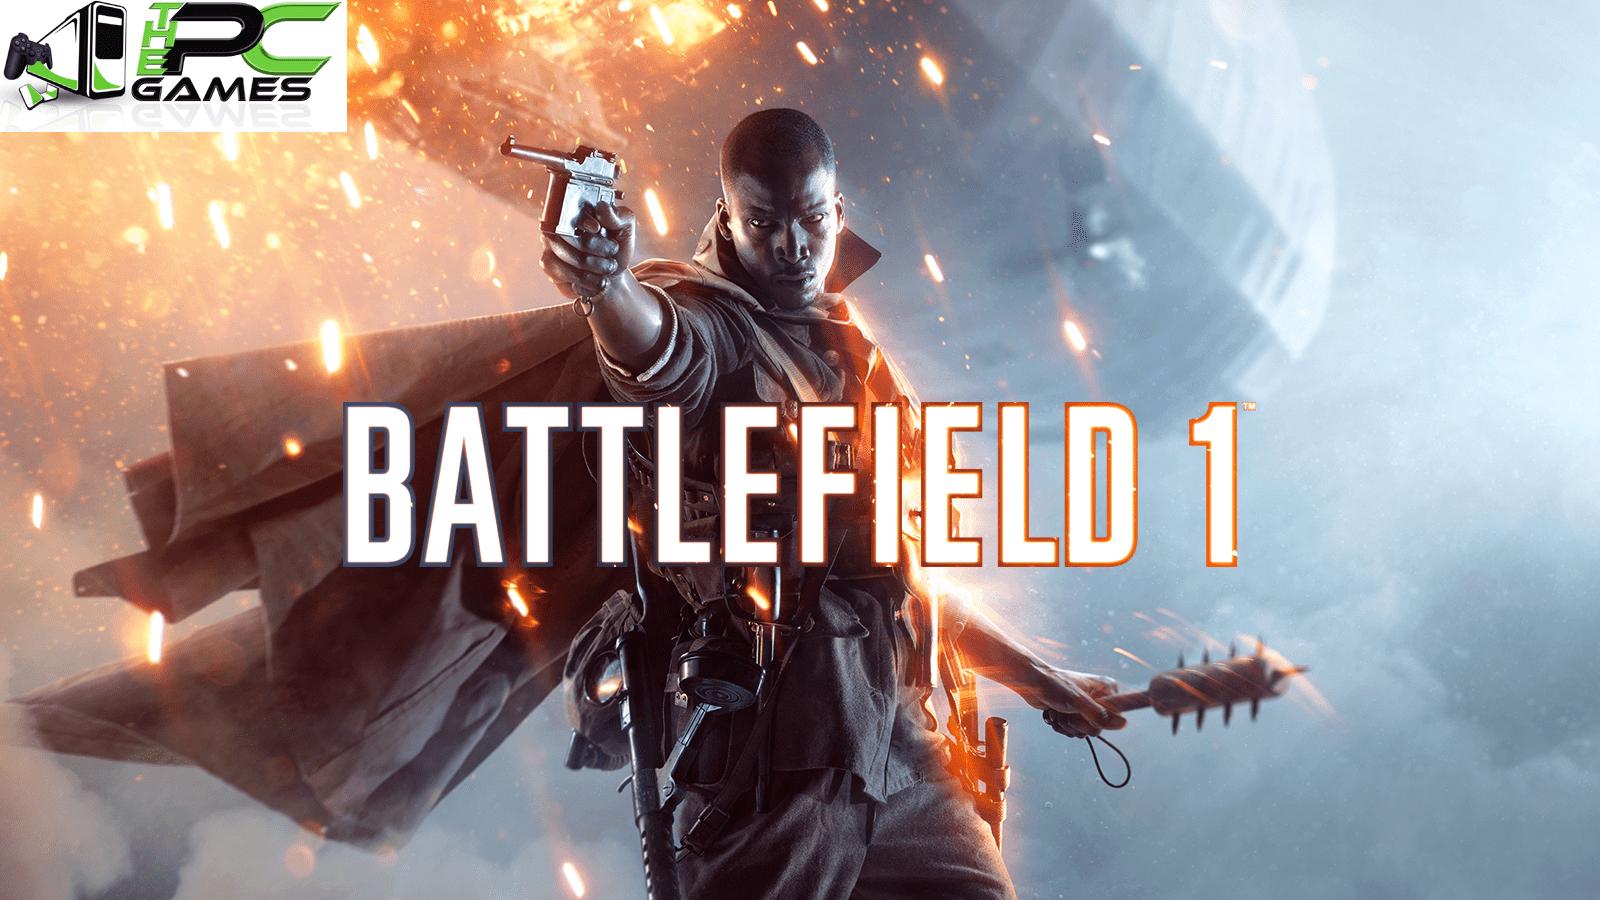 Battle Field 1 Pc Game Battlefield One Battlefield 1 Battlefield 1 Xbox One